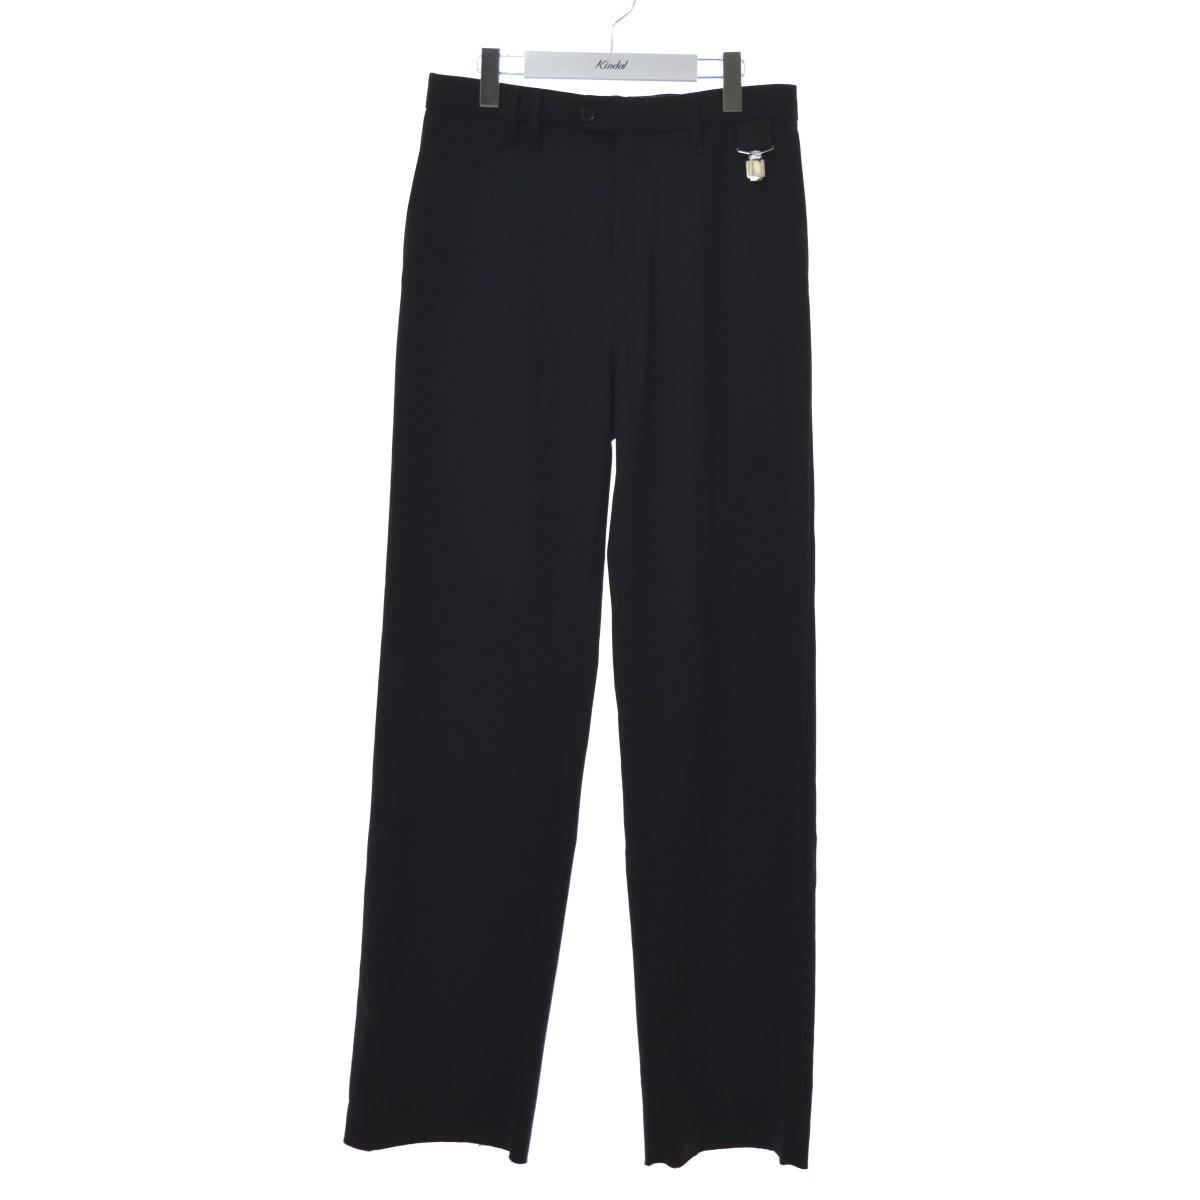 【中古】RAF SIMONS 20SS Straight fit pants スラックス ブラック サイズ:44 【200720】(ラフシモンズ)